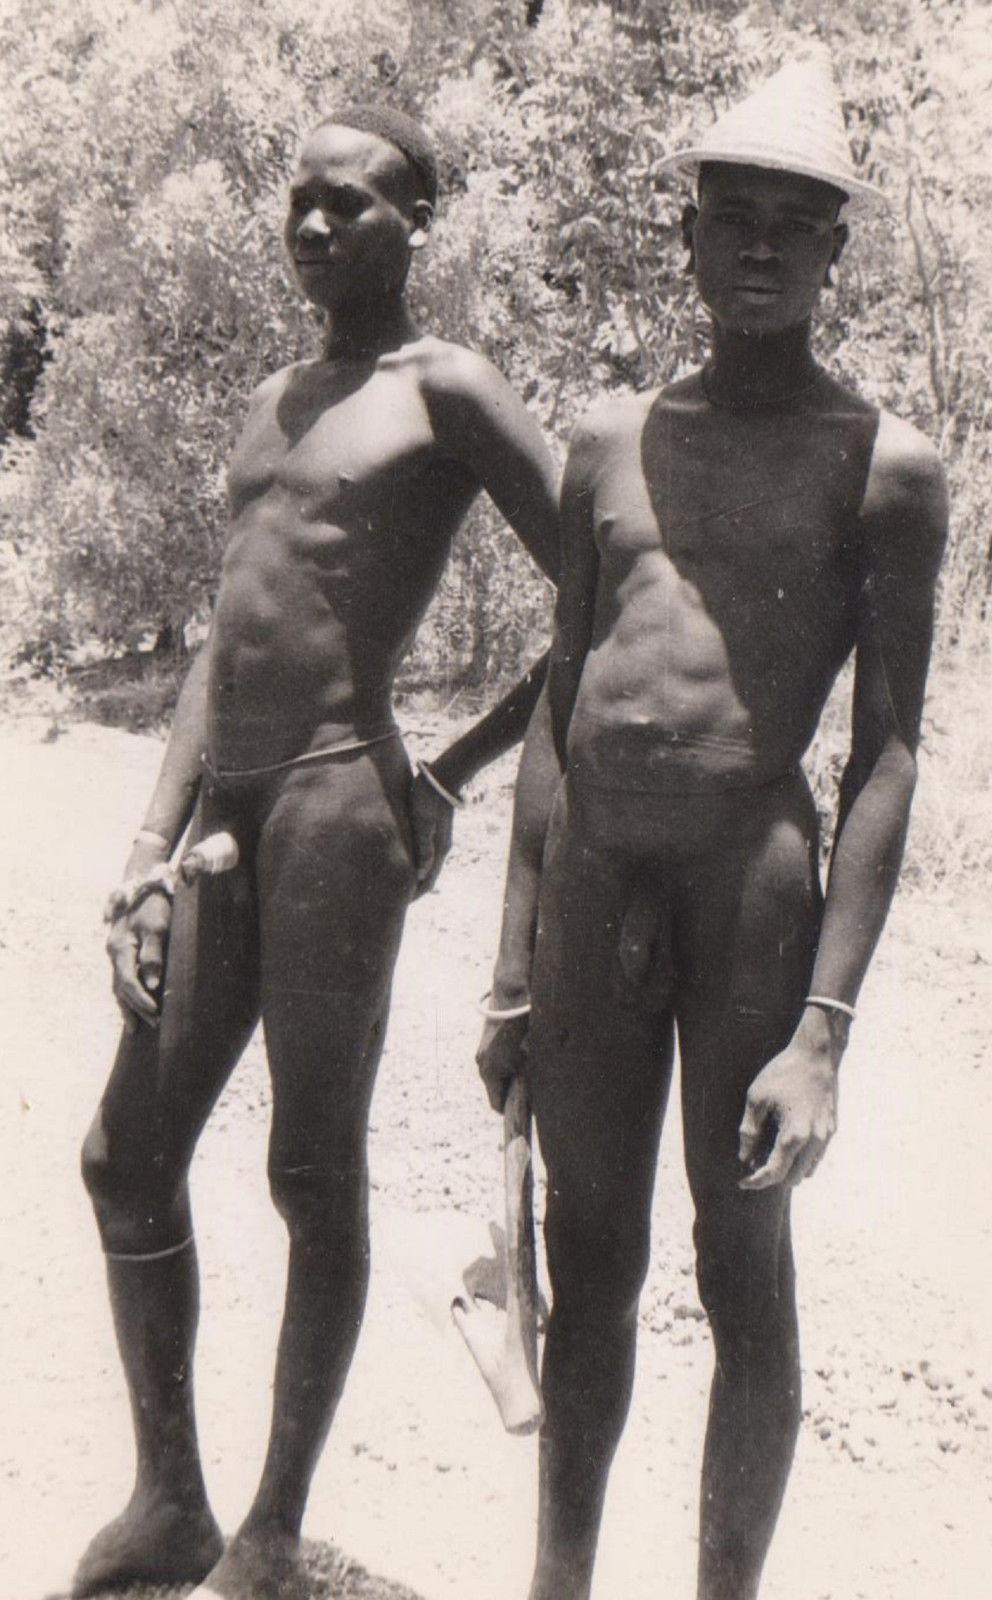 nude men.jpg